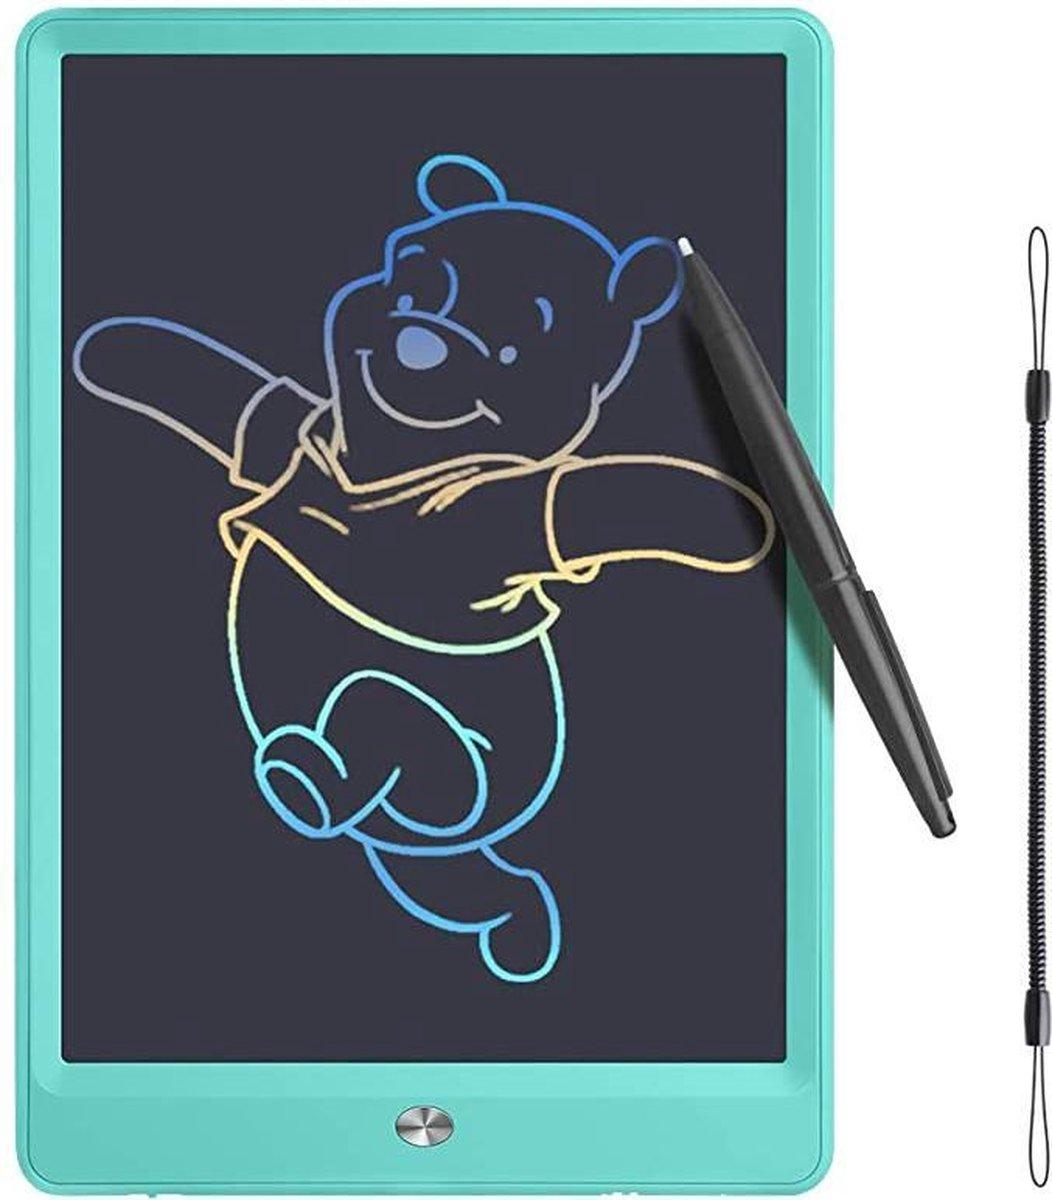 Tekentablet - Lcd-schrijfbord met kleurrijk scherm, 10 inch wisbaar tekenblok Doodle board, grafische tablet tekenbord met schakelslot, cadeau voor kinderen en volwassenen (10 inch, blauw)